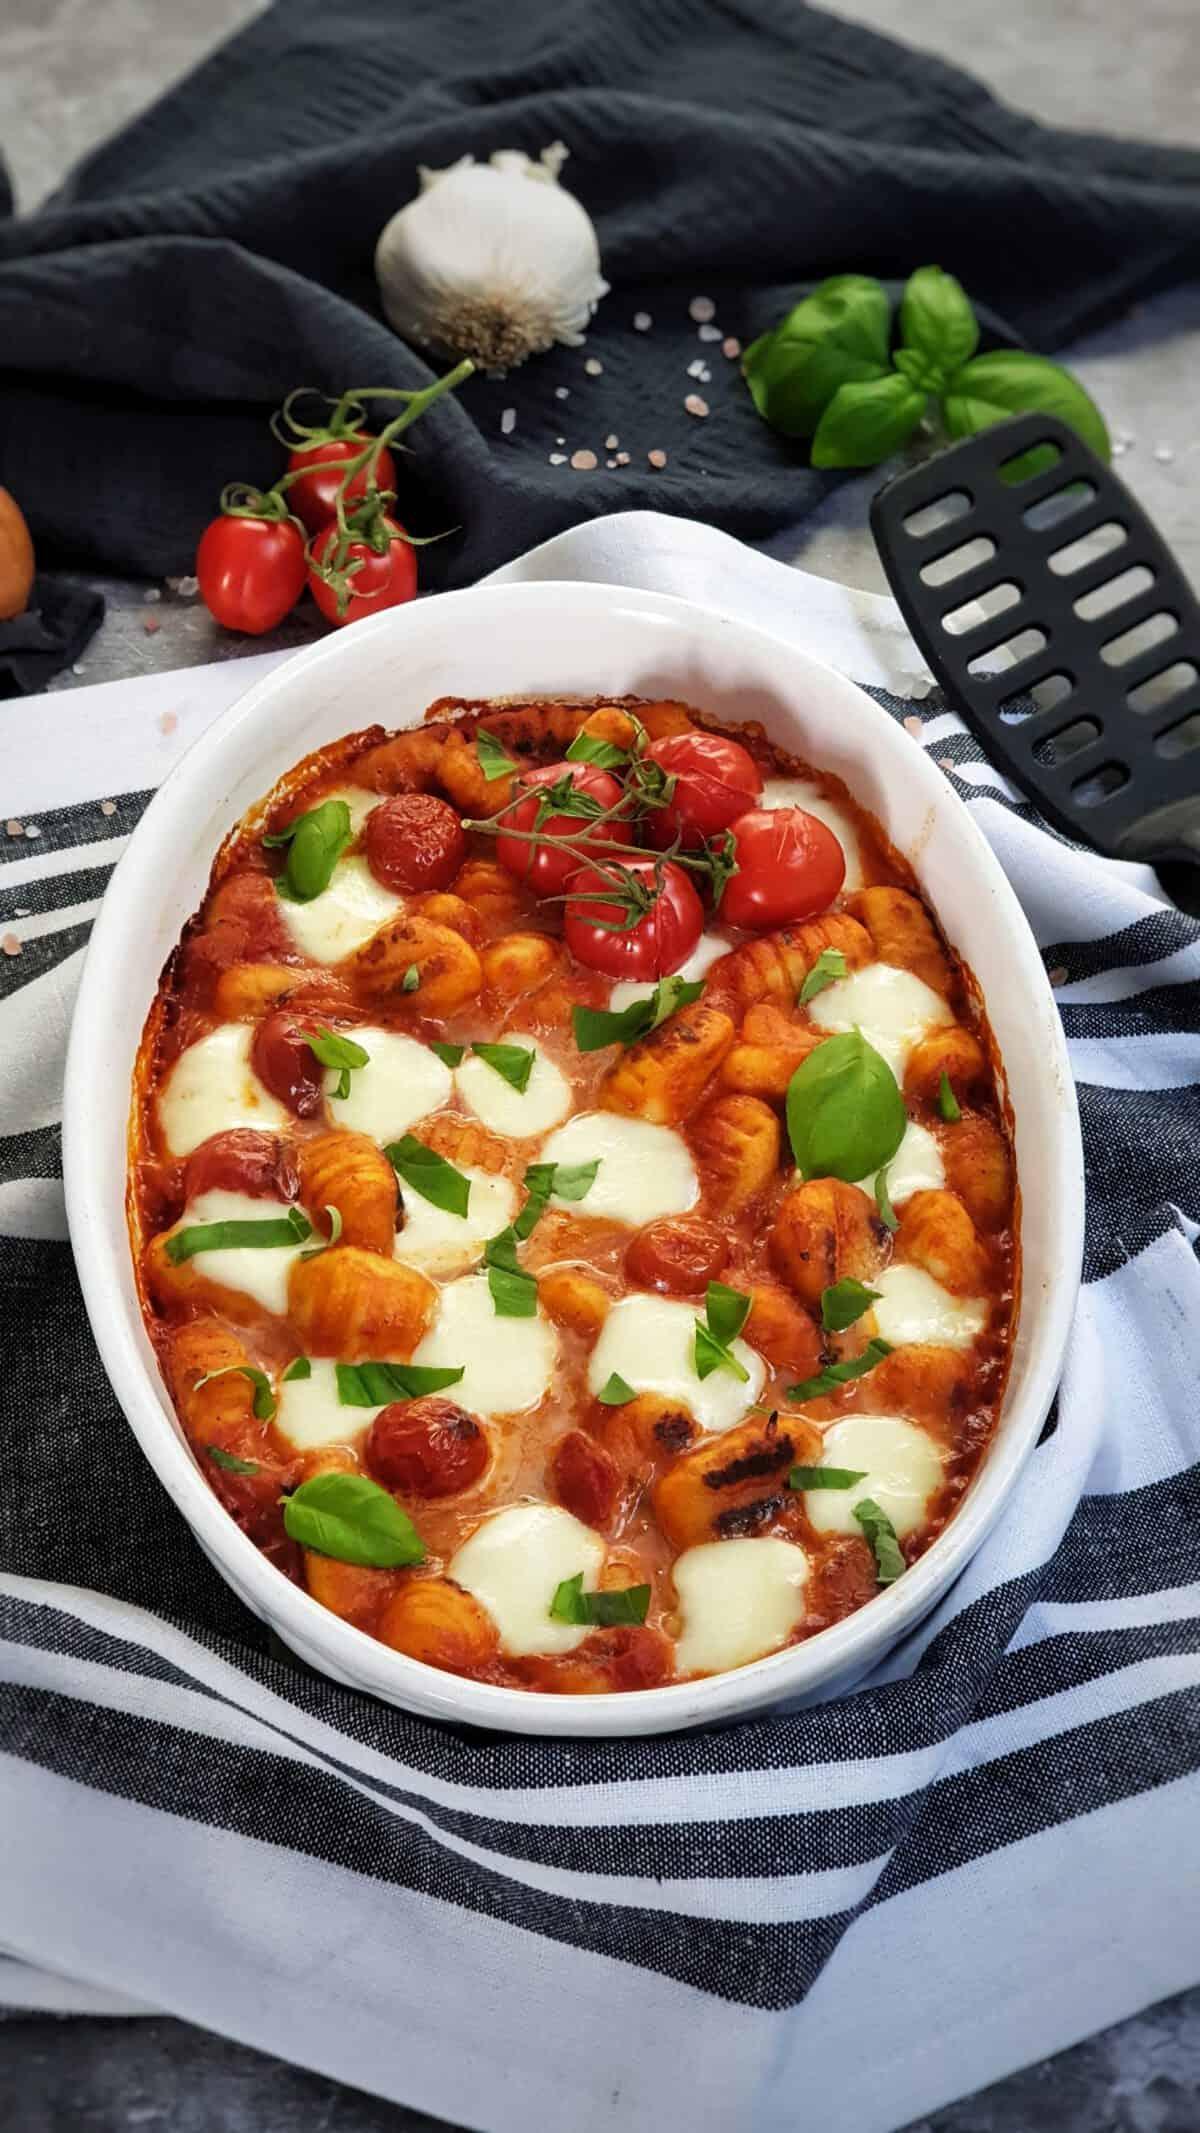 Gnocchi Auflauf mit Tomate und Mozzarella, fotografiert in einer weißen Auflaufform. Im Hintergrund Deko.